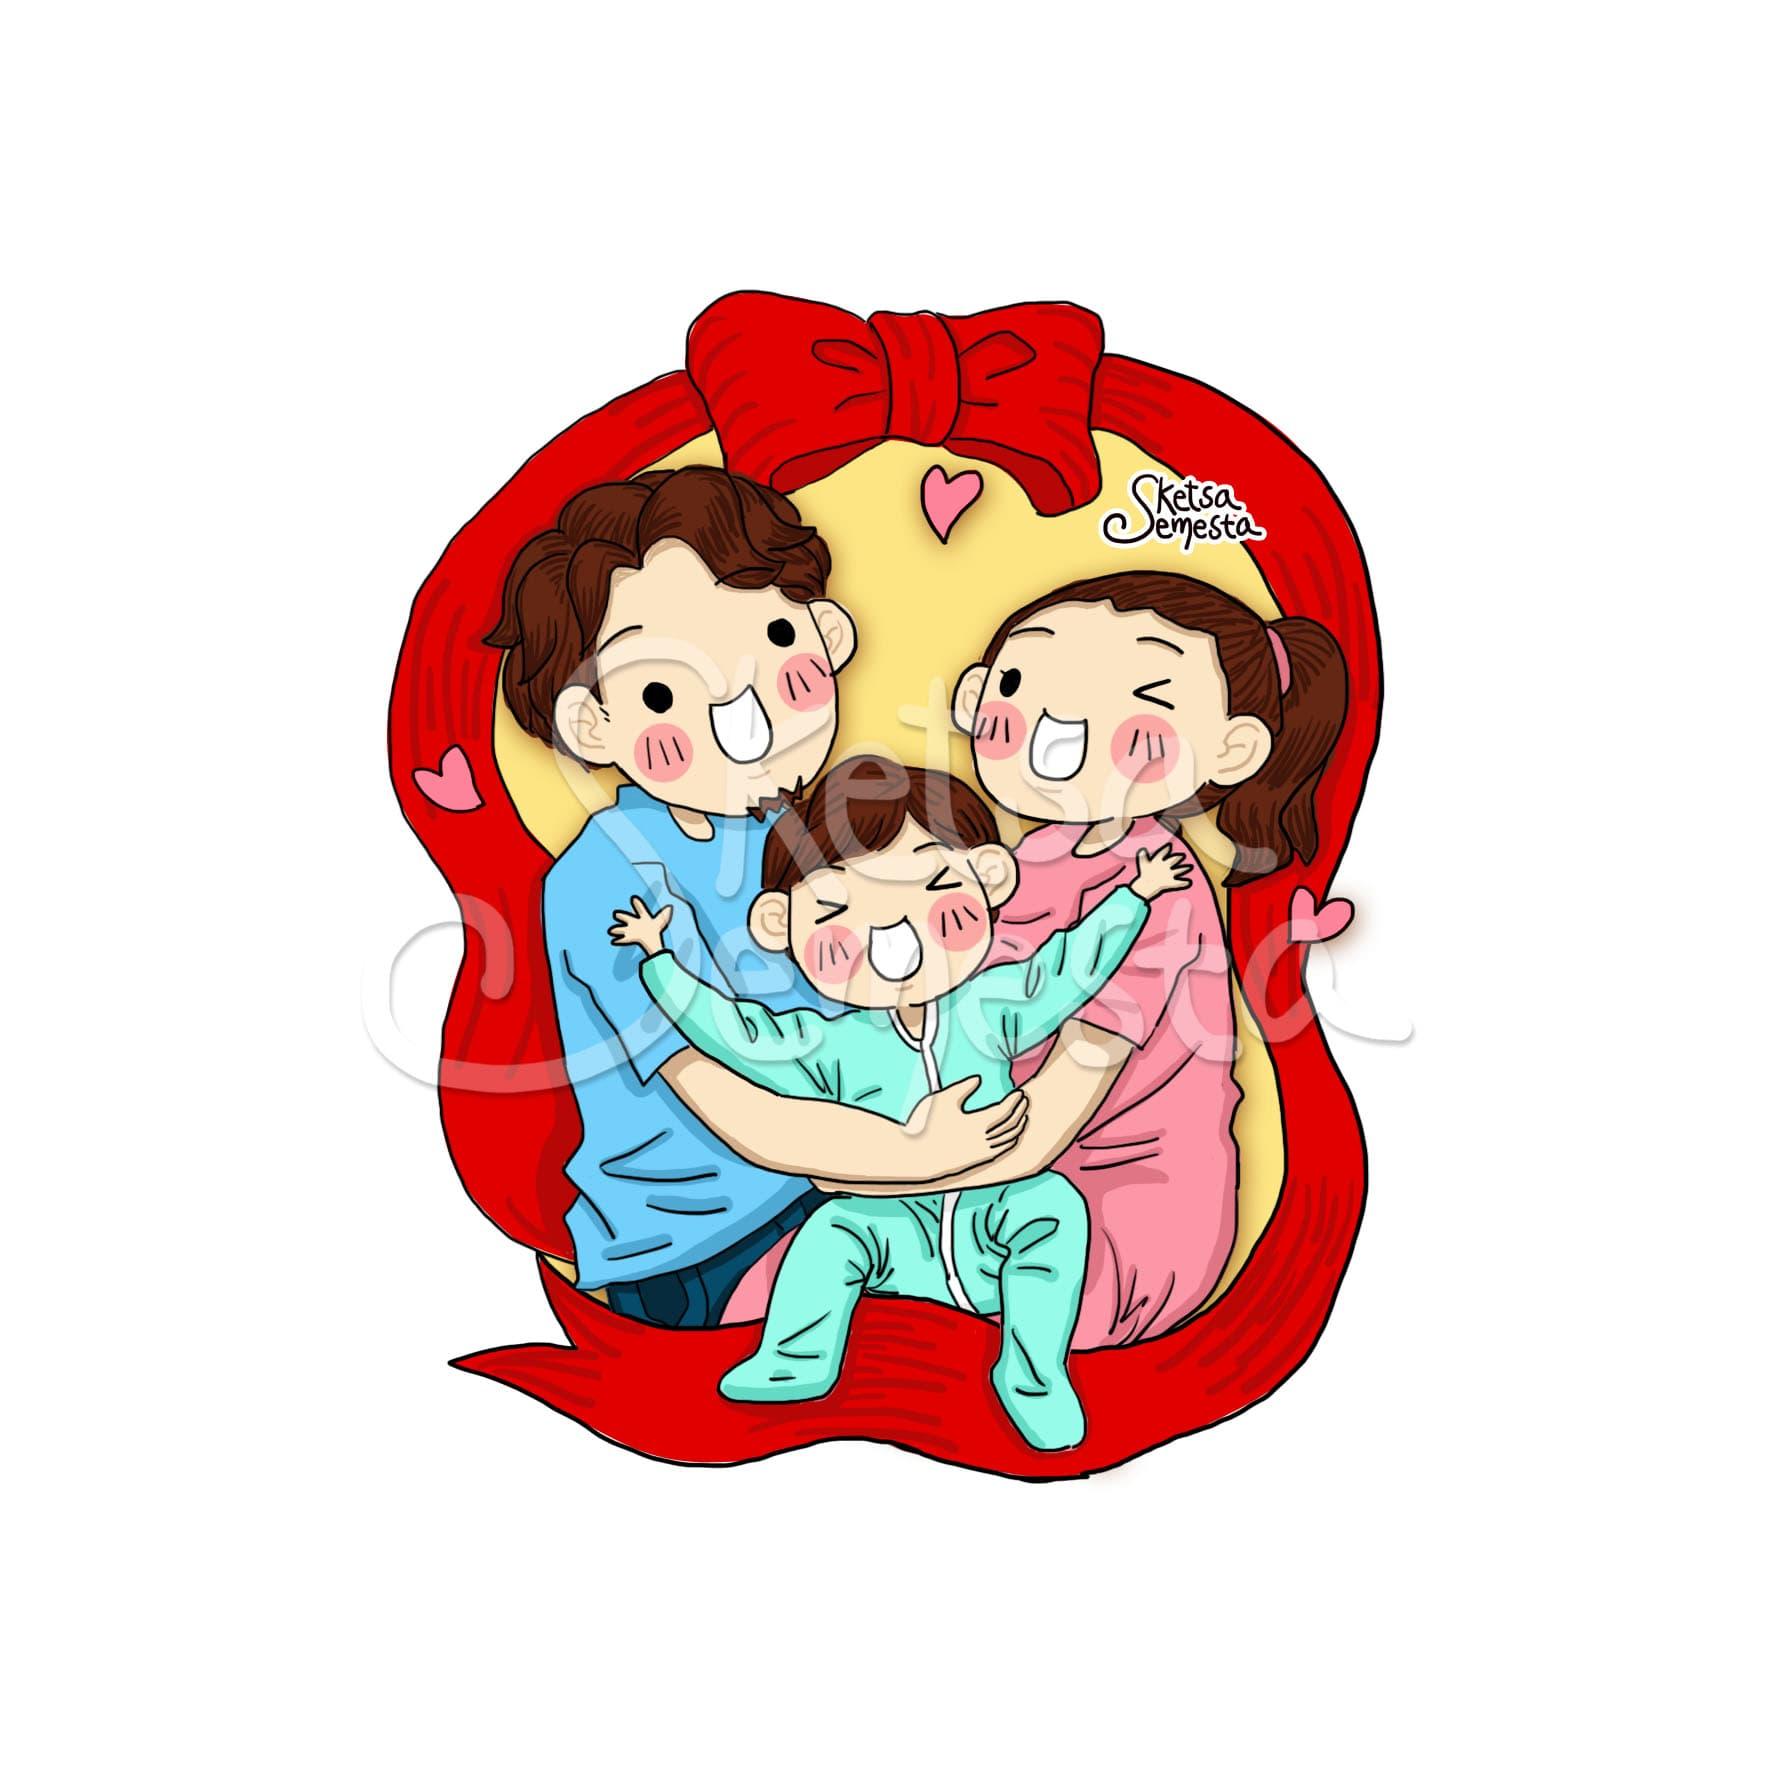 100 Gambar Sketsa Foto Keluarga Terbaik Gambar Pixabay